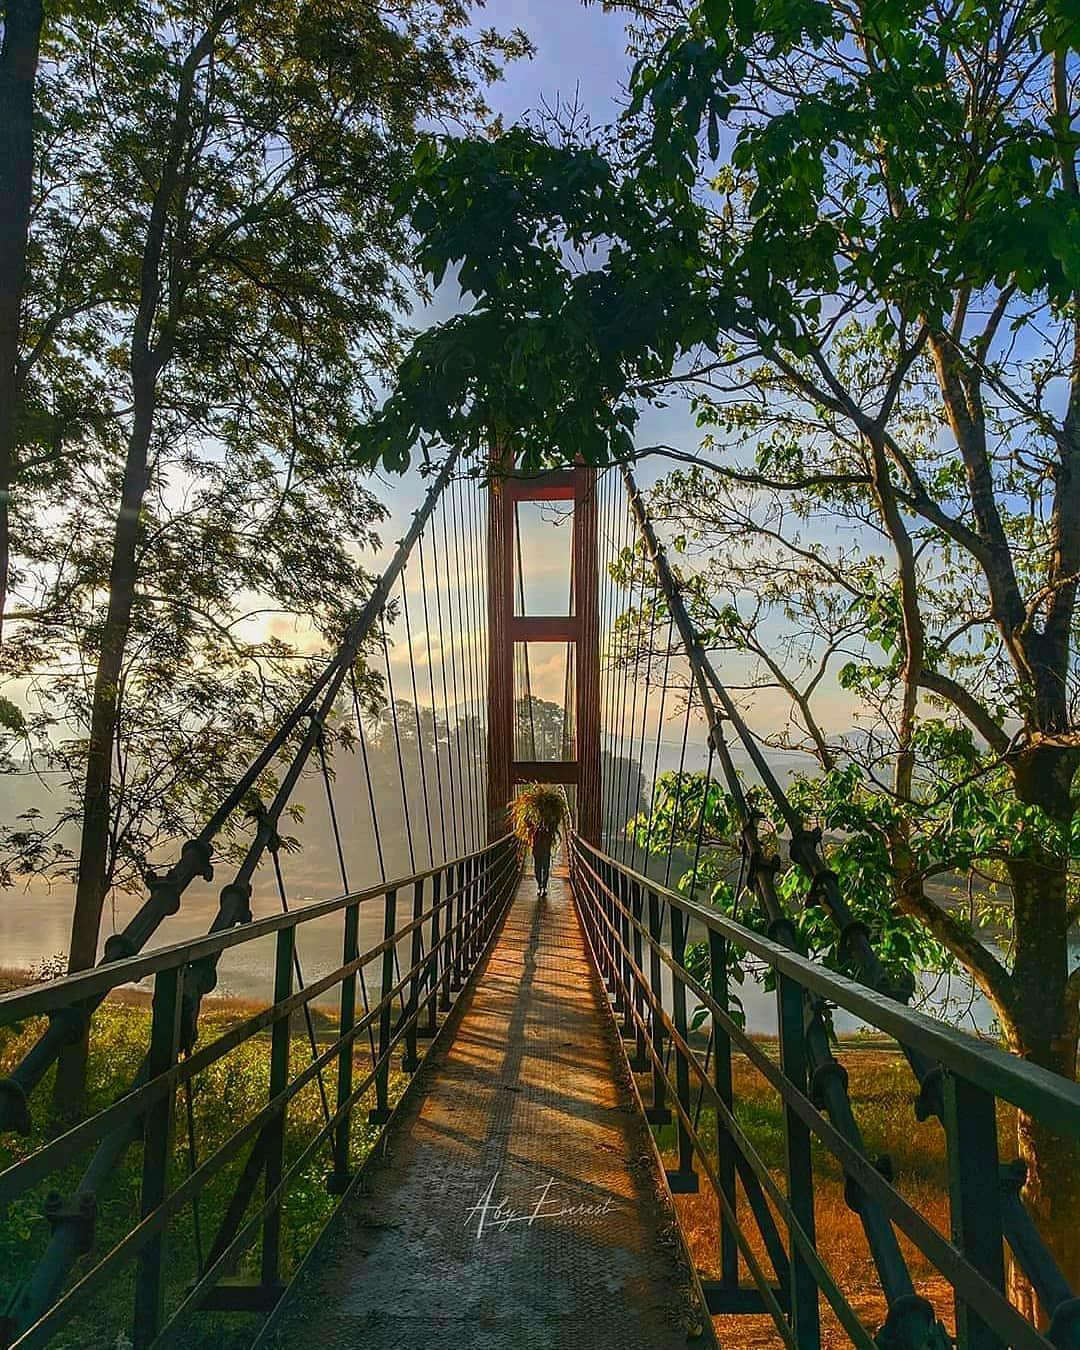 ayyappan kovil hanging bridge